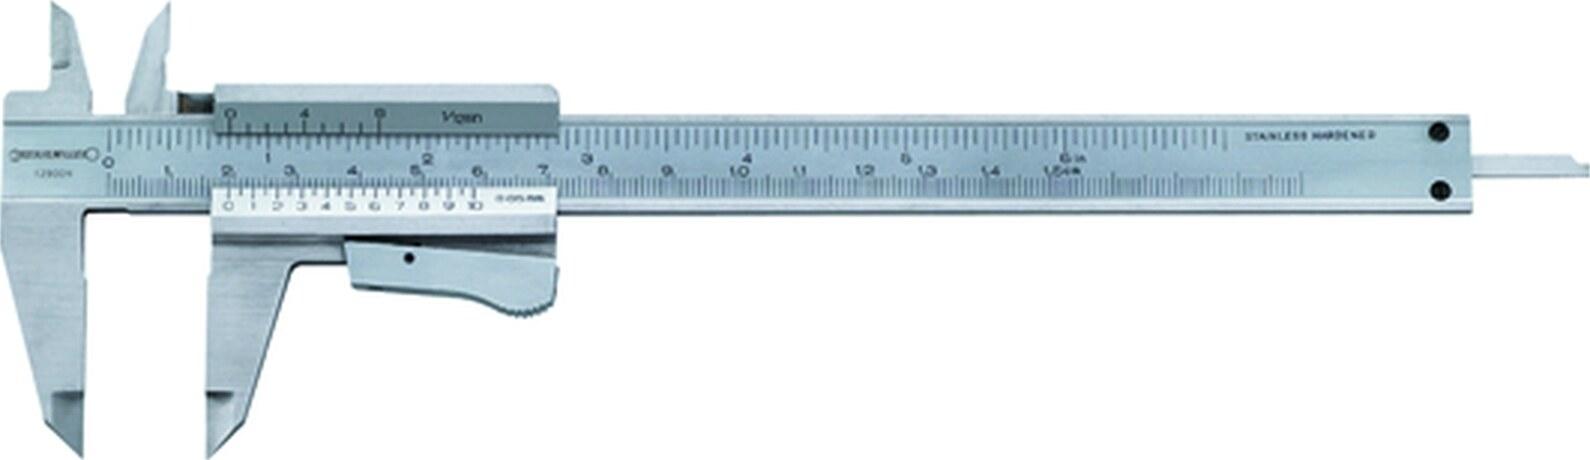 Stahlwille 1162 Bit 1//4 f/ür Schlitzschrauben 0,6 x 3,5 mm